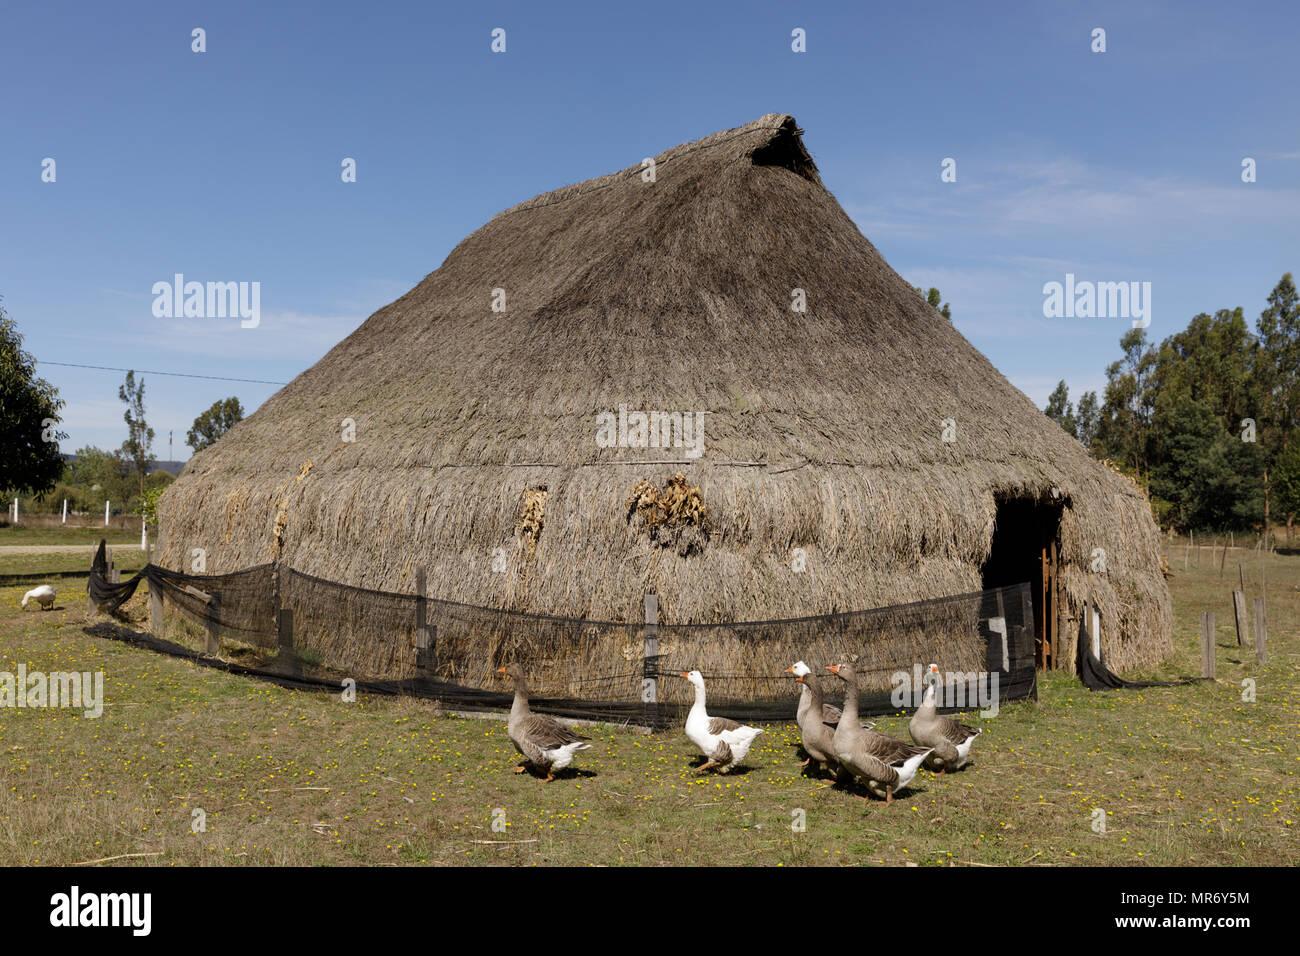 Cholchol, La Araucania, Chile: Traditional Mapuche communal thatch dwelling, called a ruka. - Stock Image